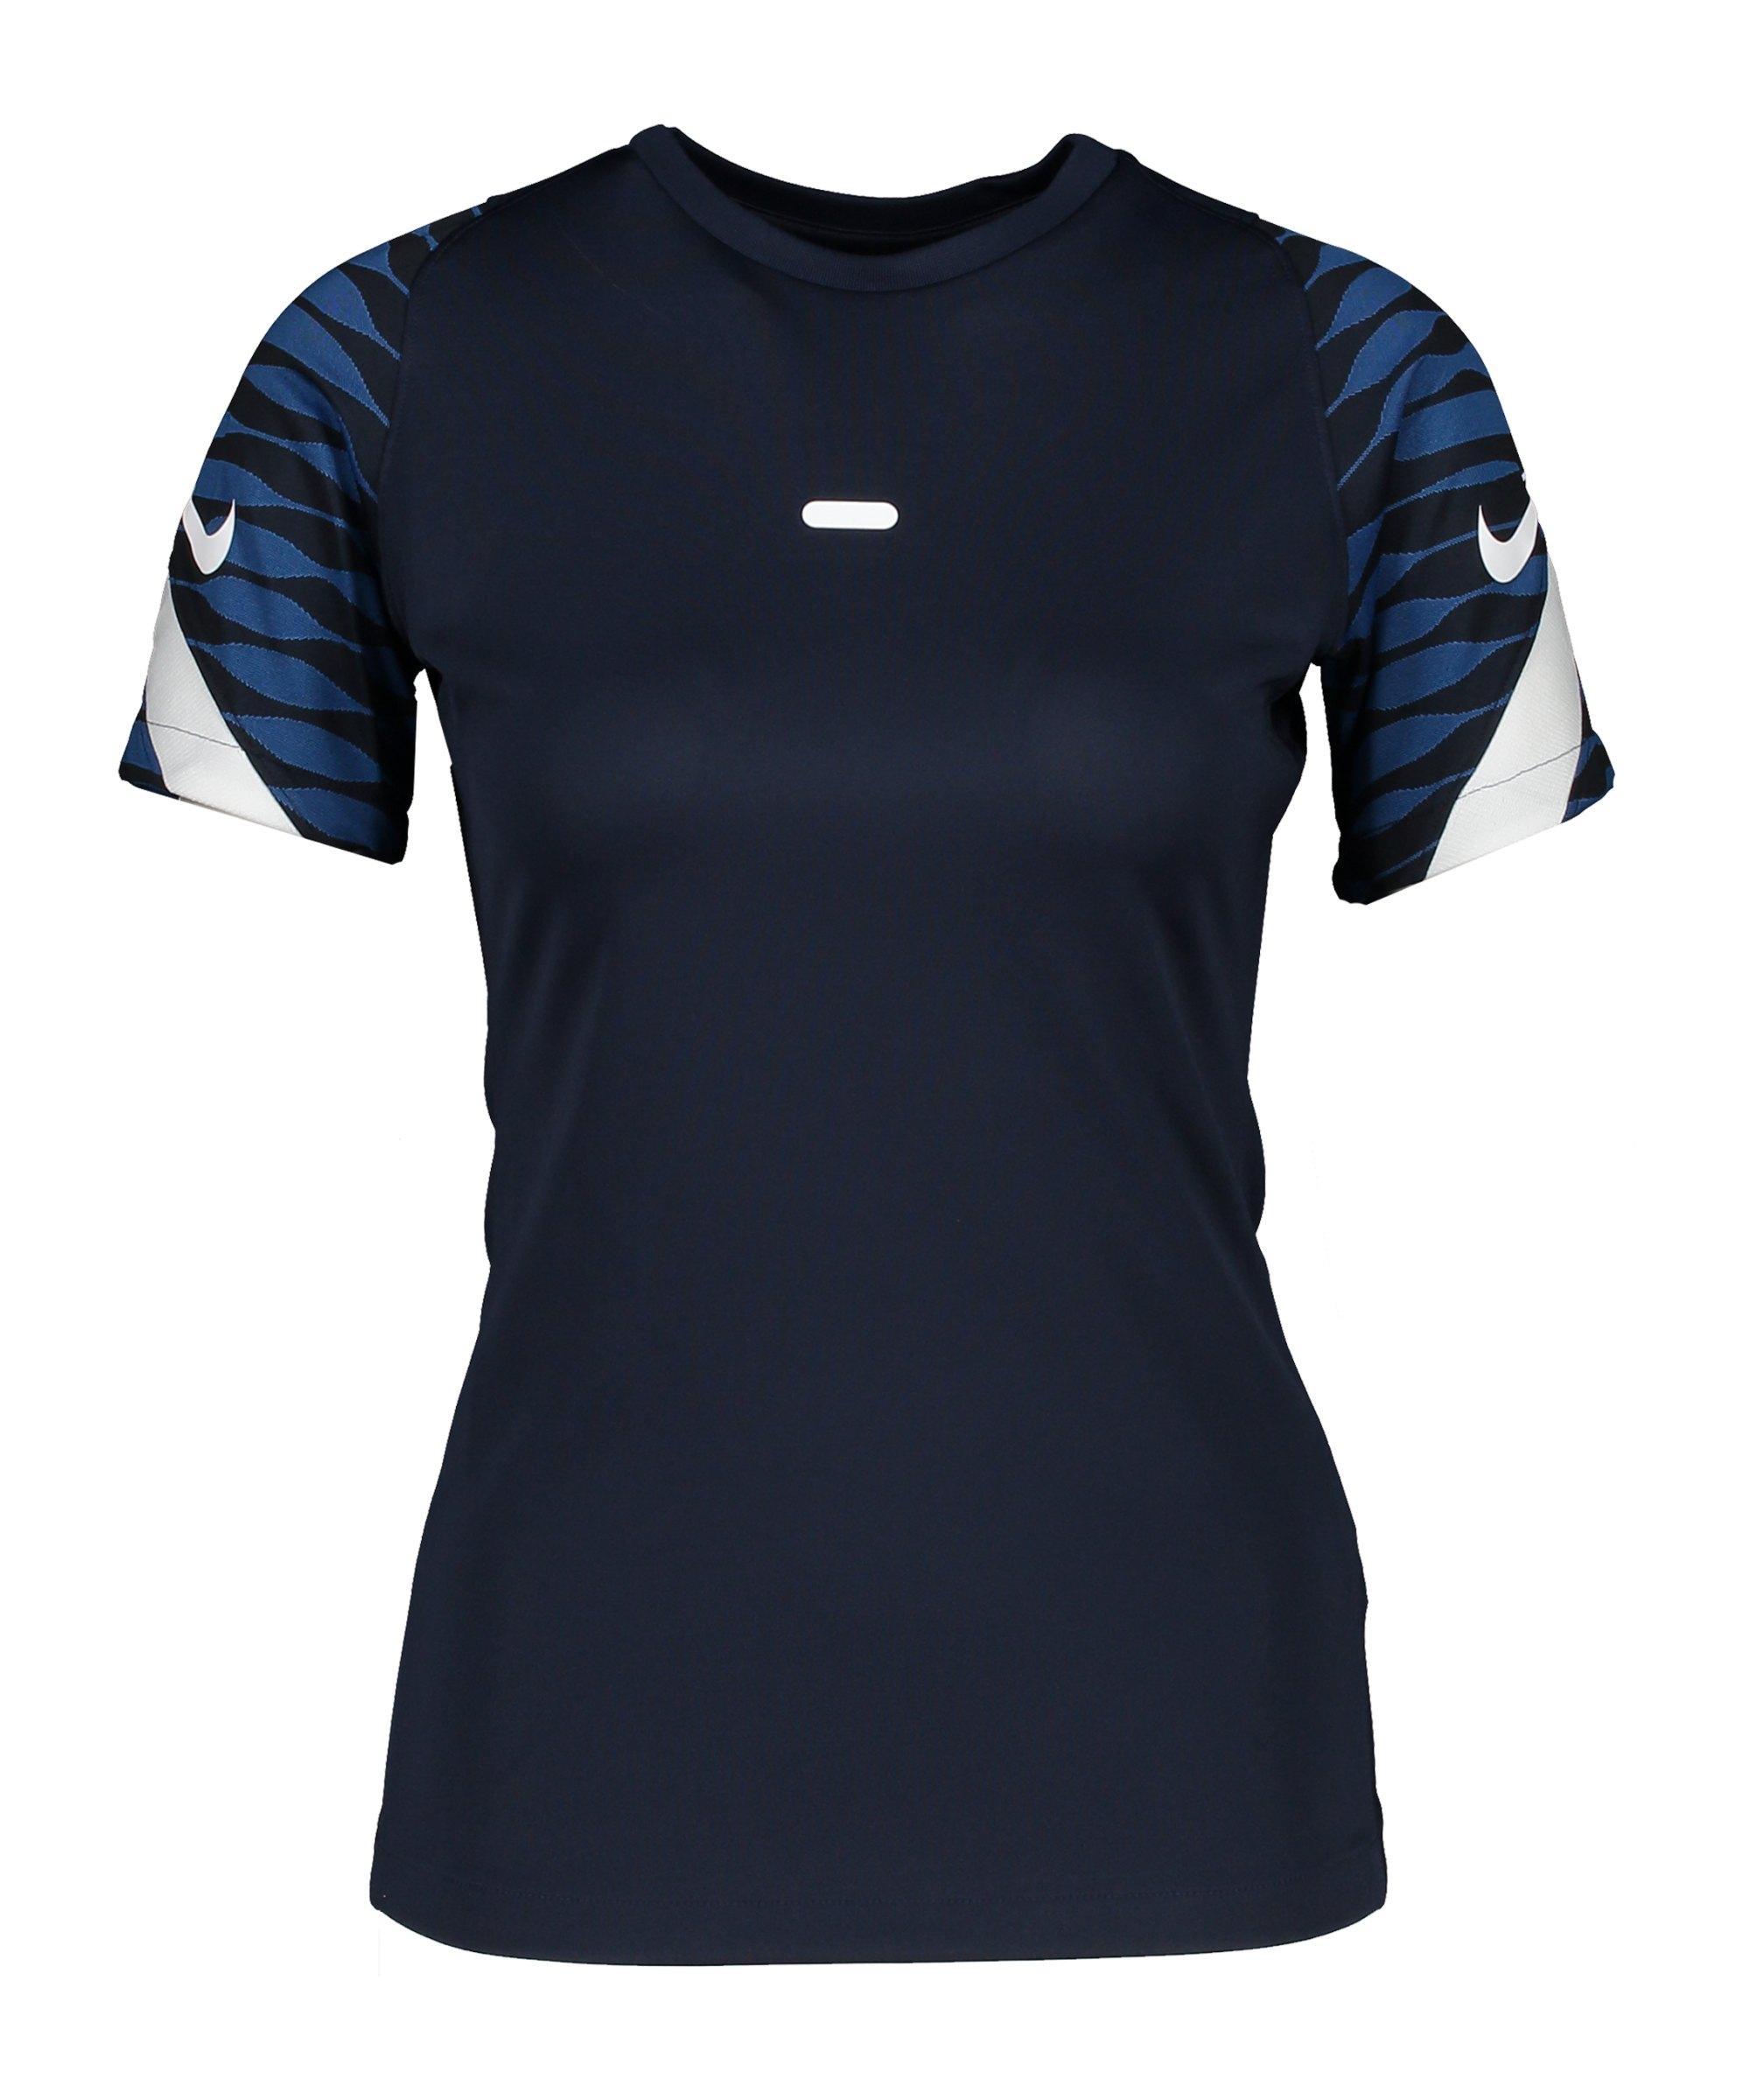 Nike Strike 21 T-Shirt Damen Blau Weiss F451 - blau